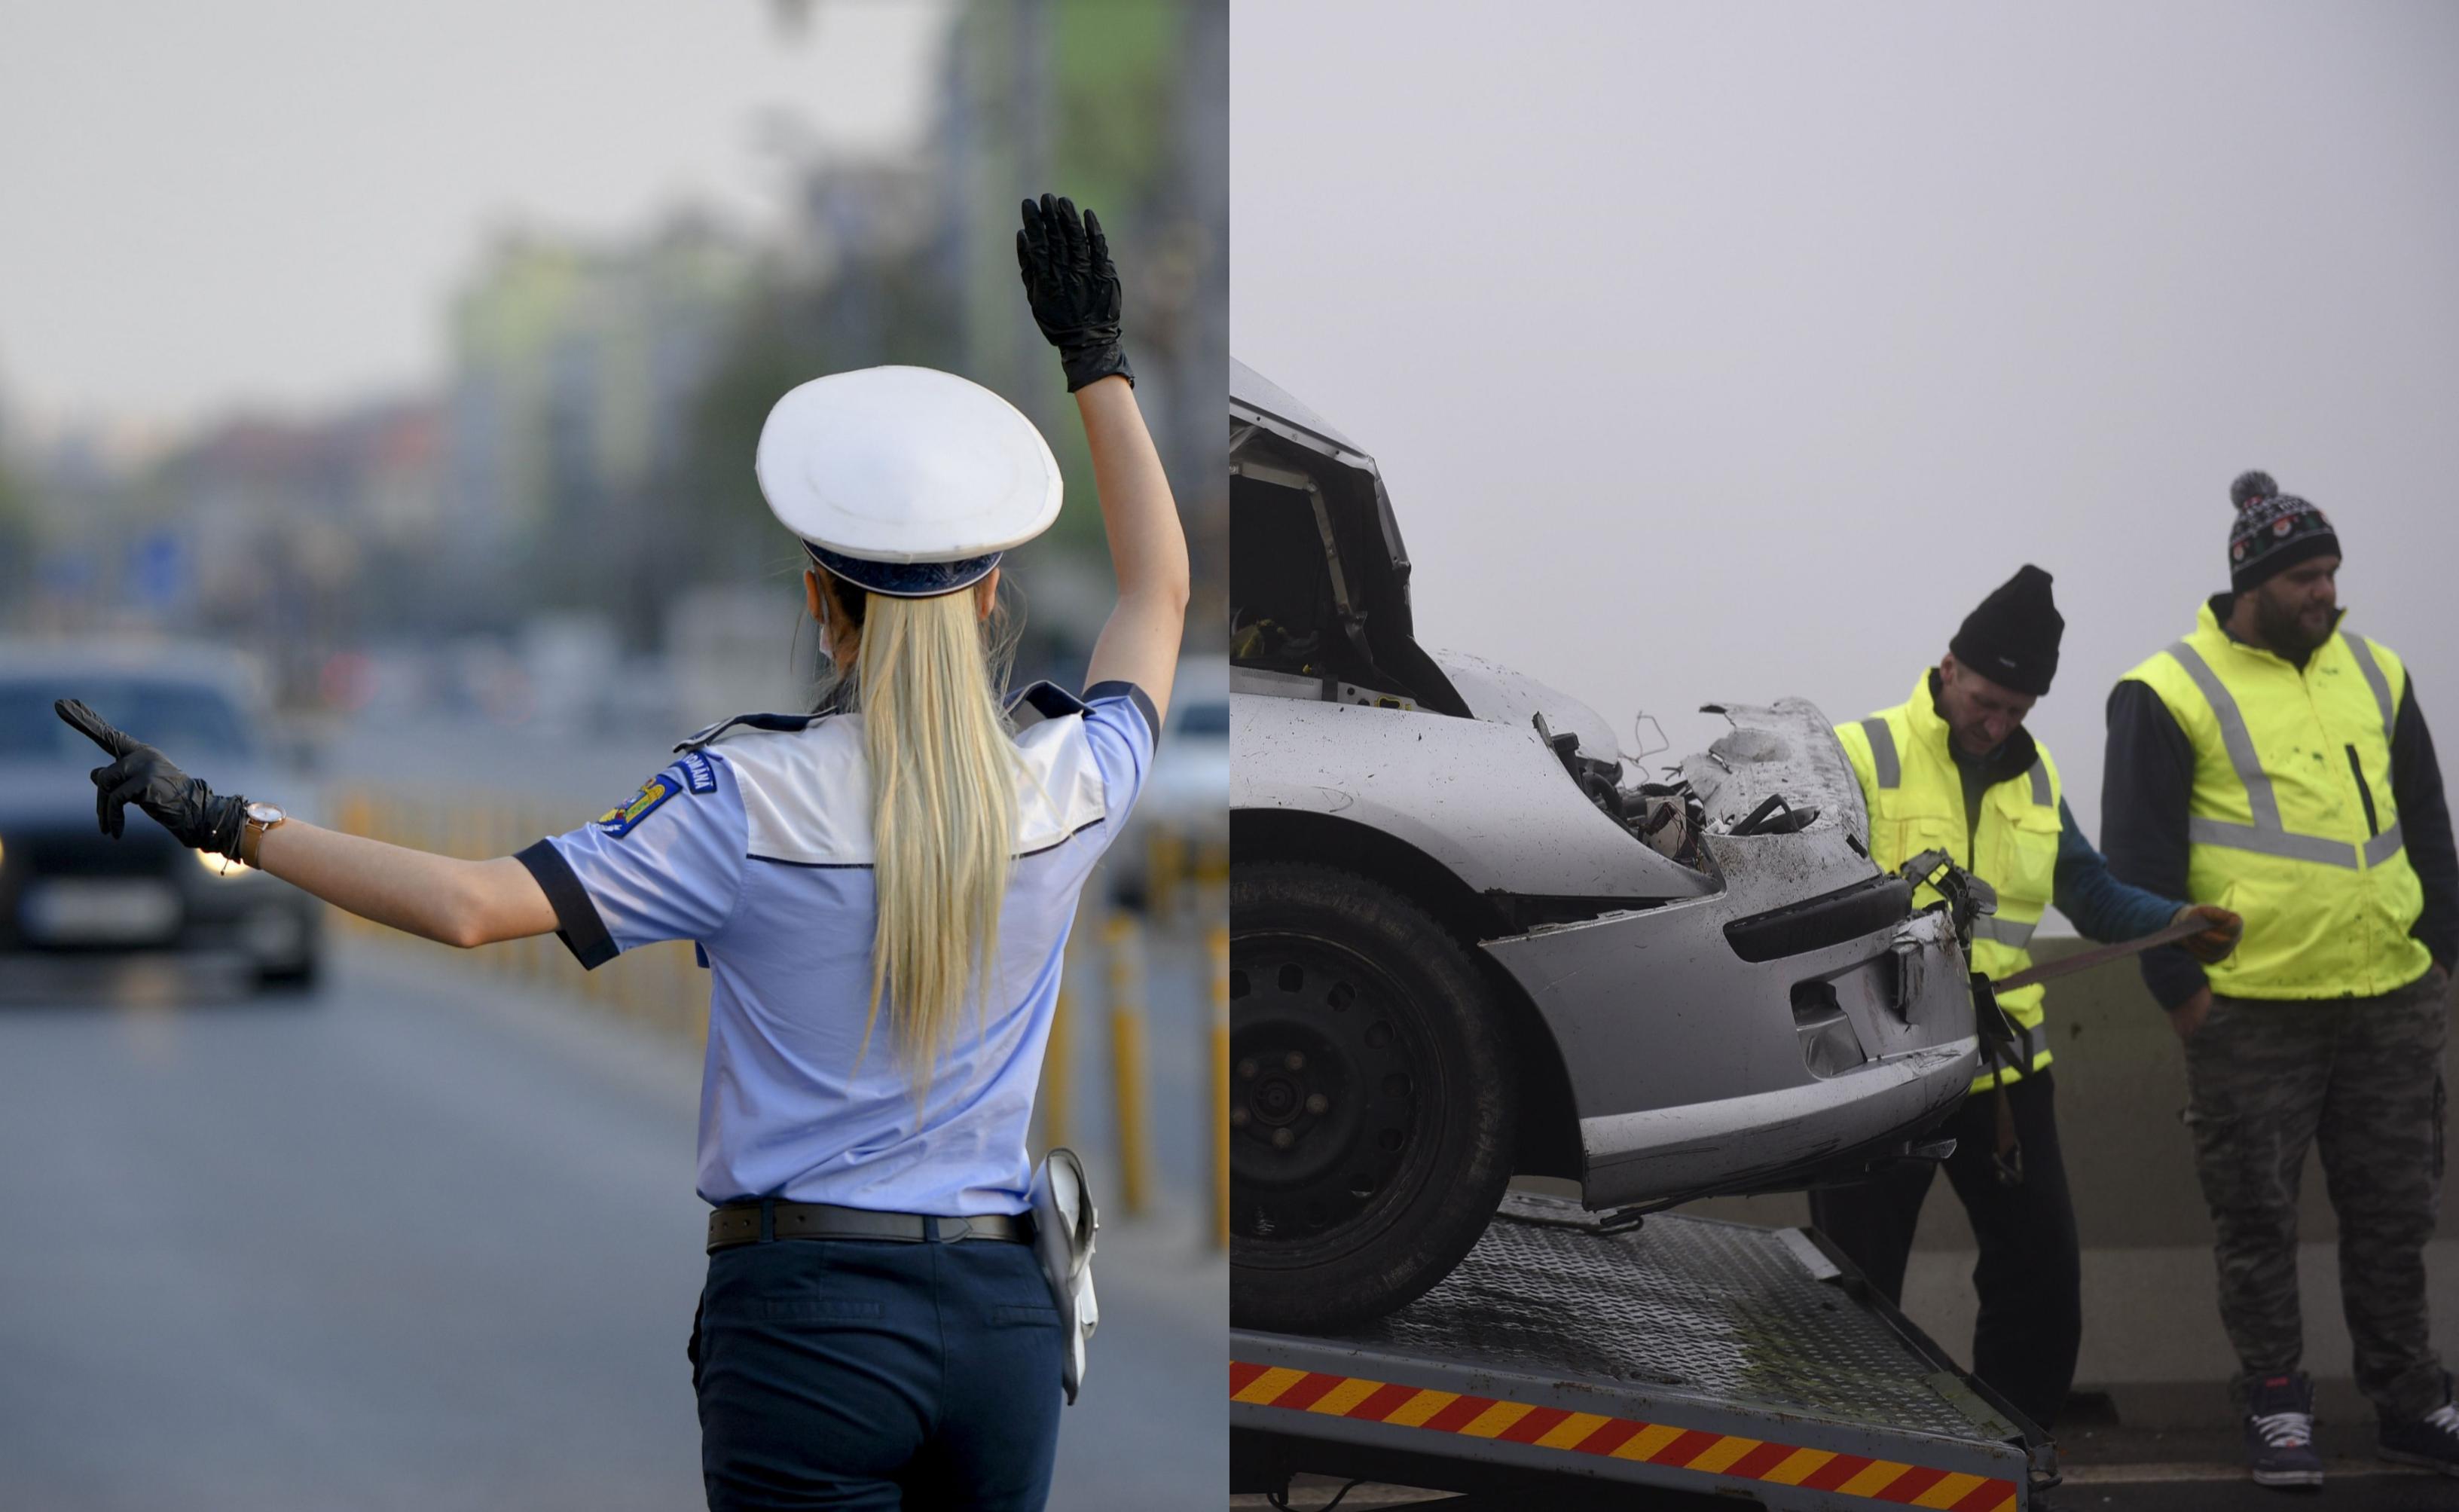 Atenție, șoferi! Polițele RCA se scumpesc! Ce se schimbă la asigurare atunci când faci accident cu mașina